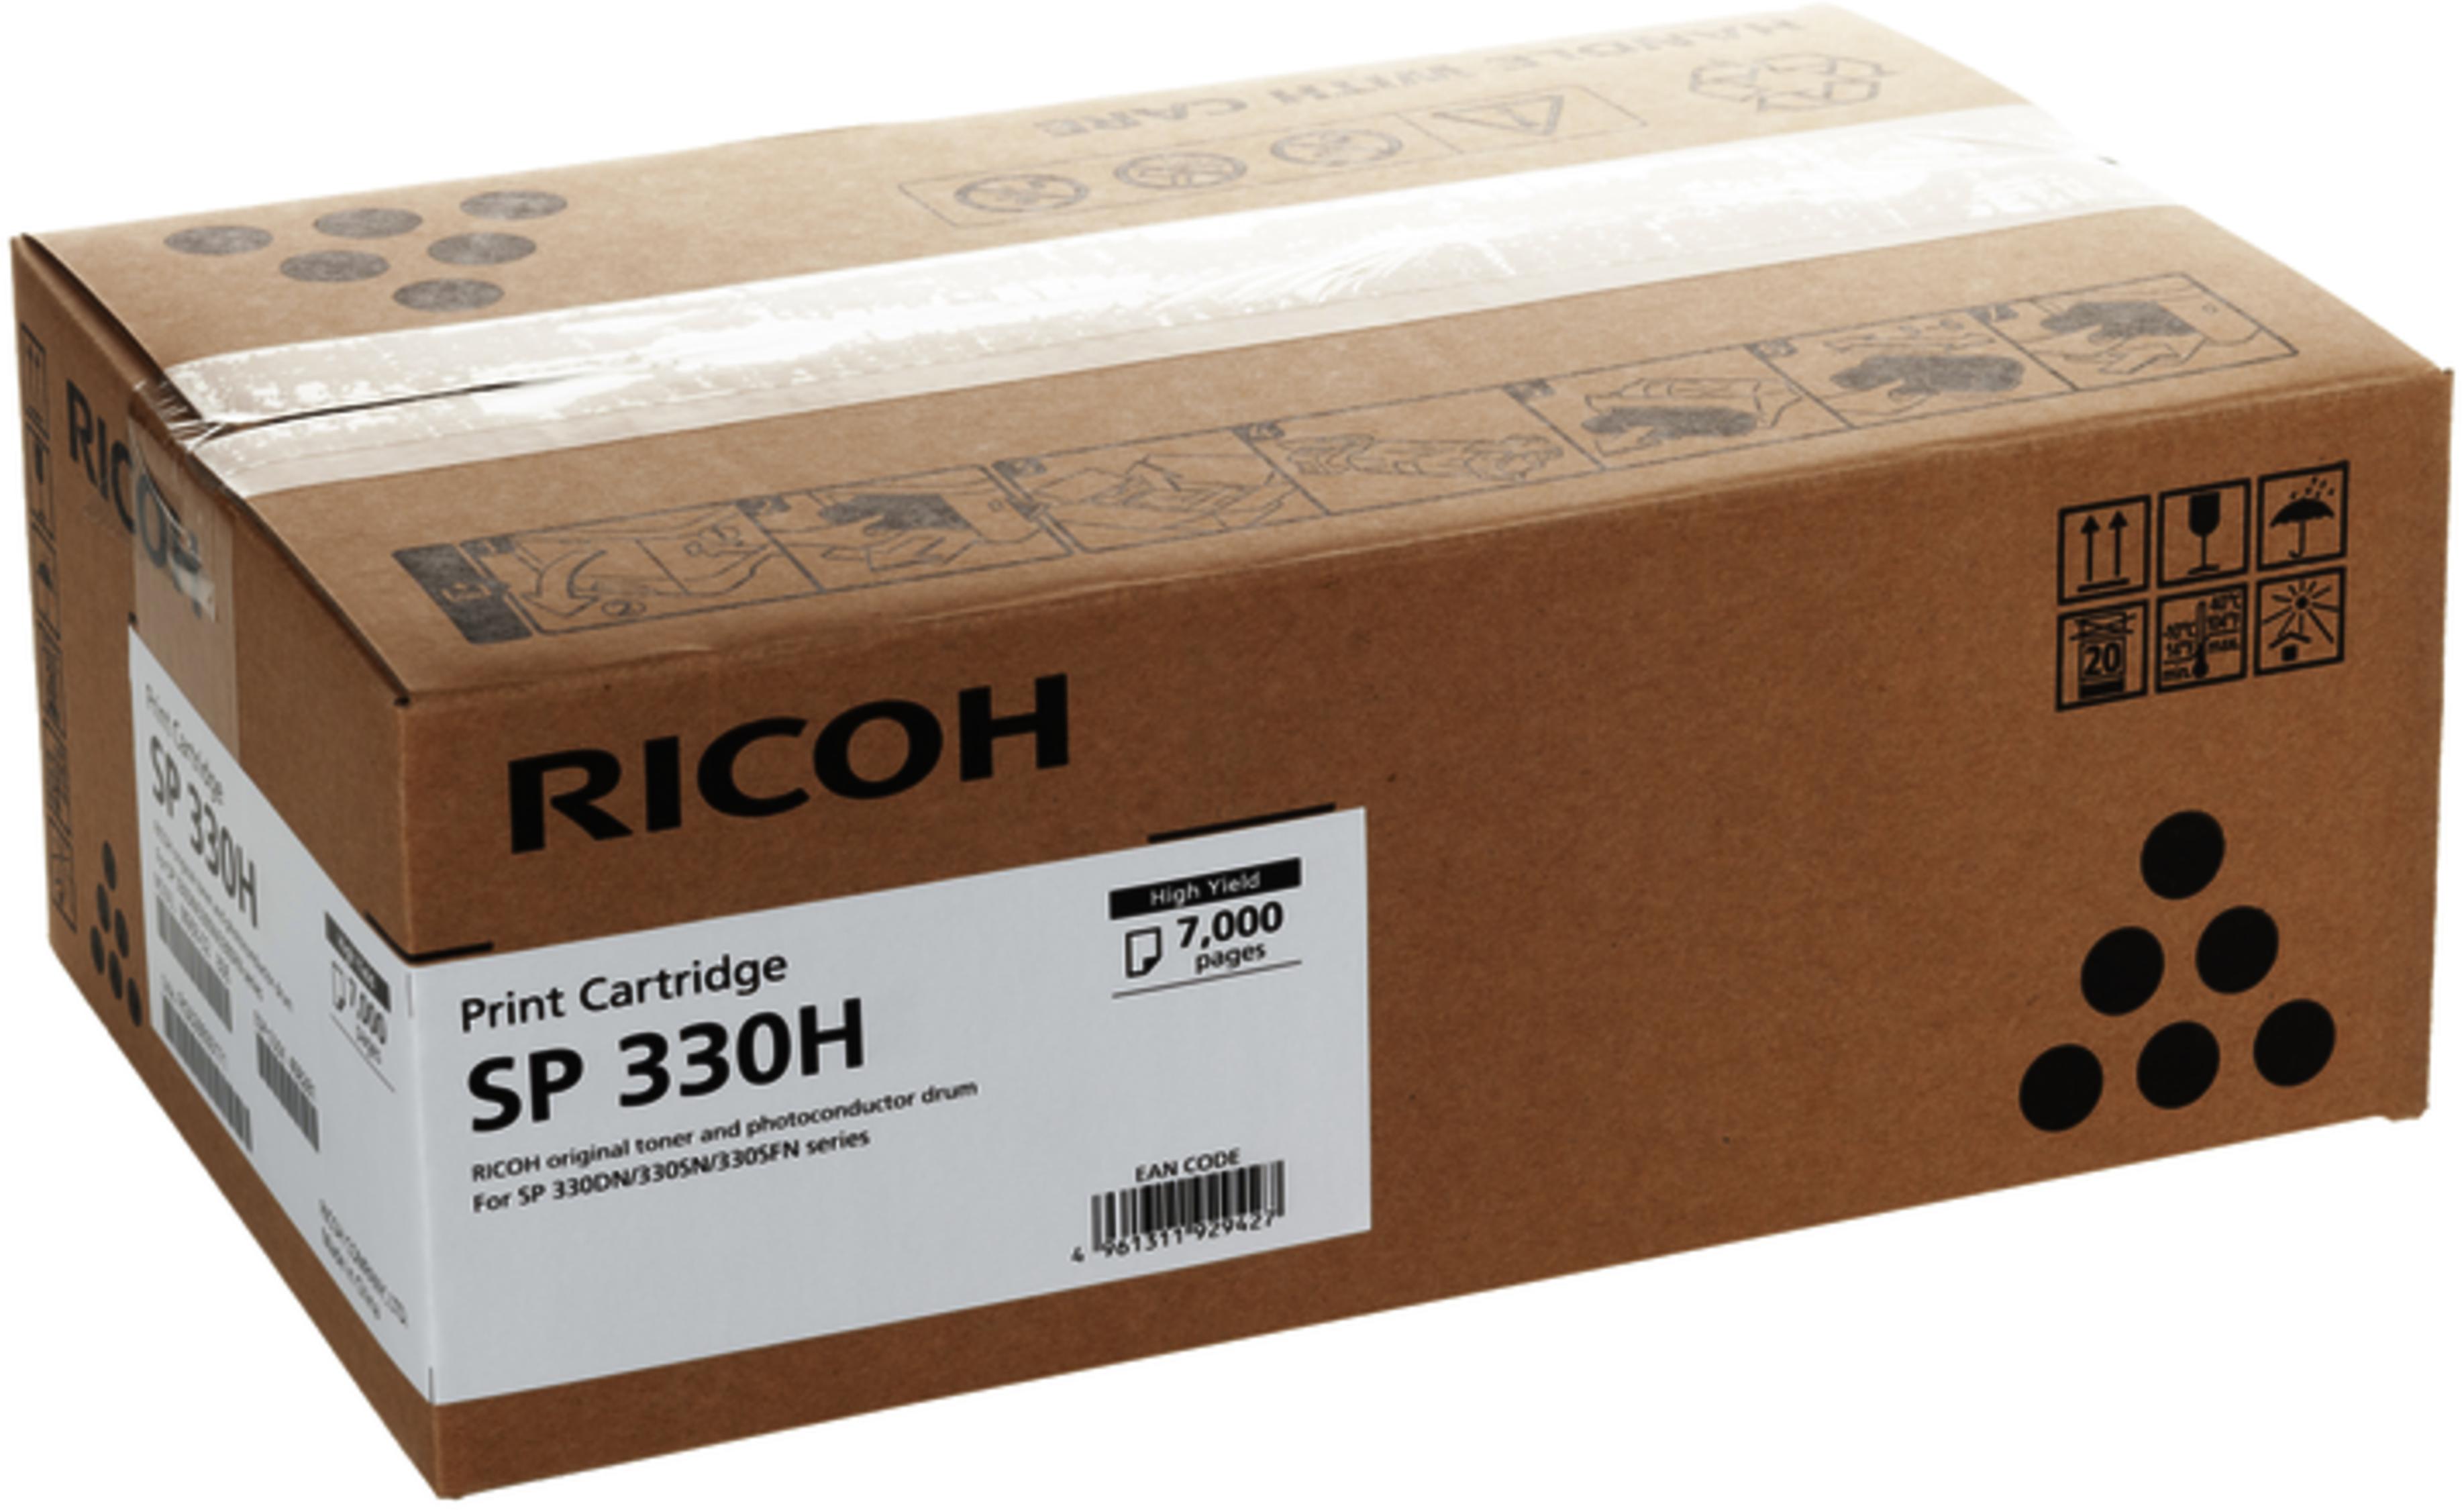 Ricoh 408281 Cartuccia Toner Originale,SP330H durata 7.000 pagine